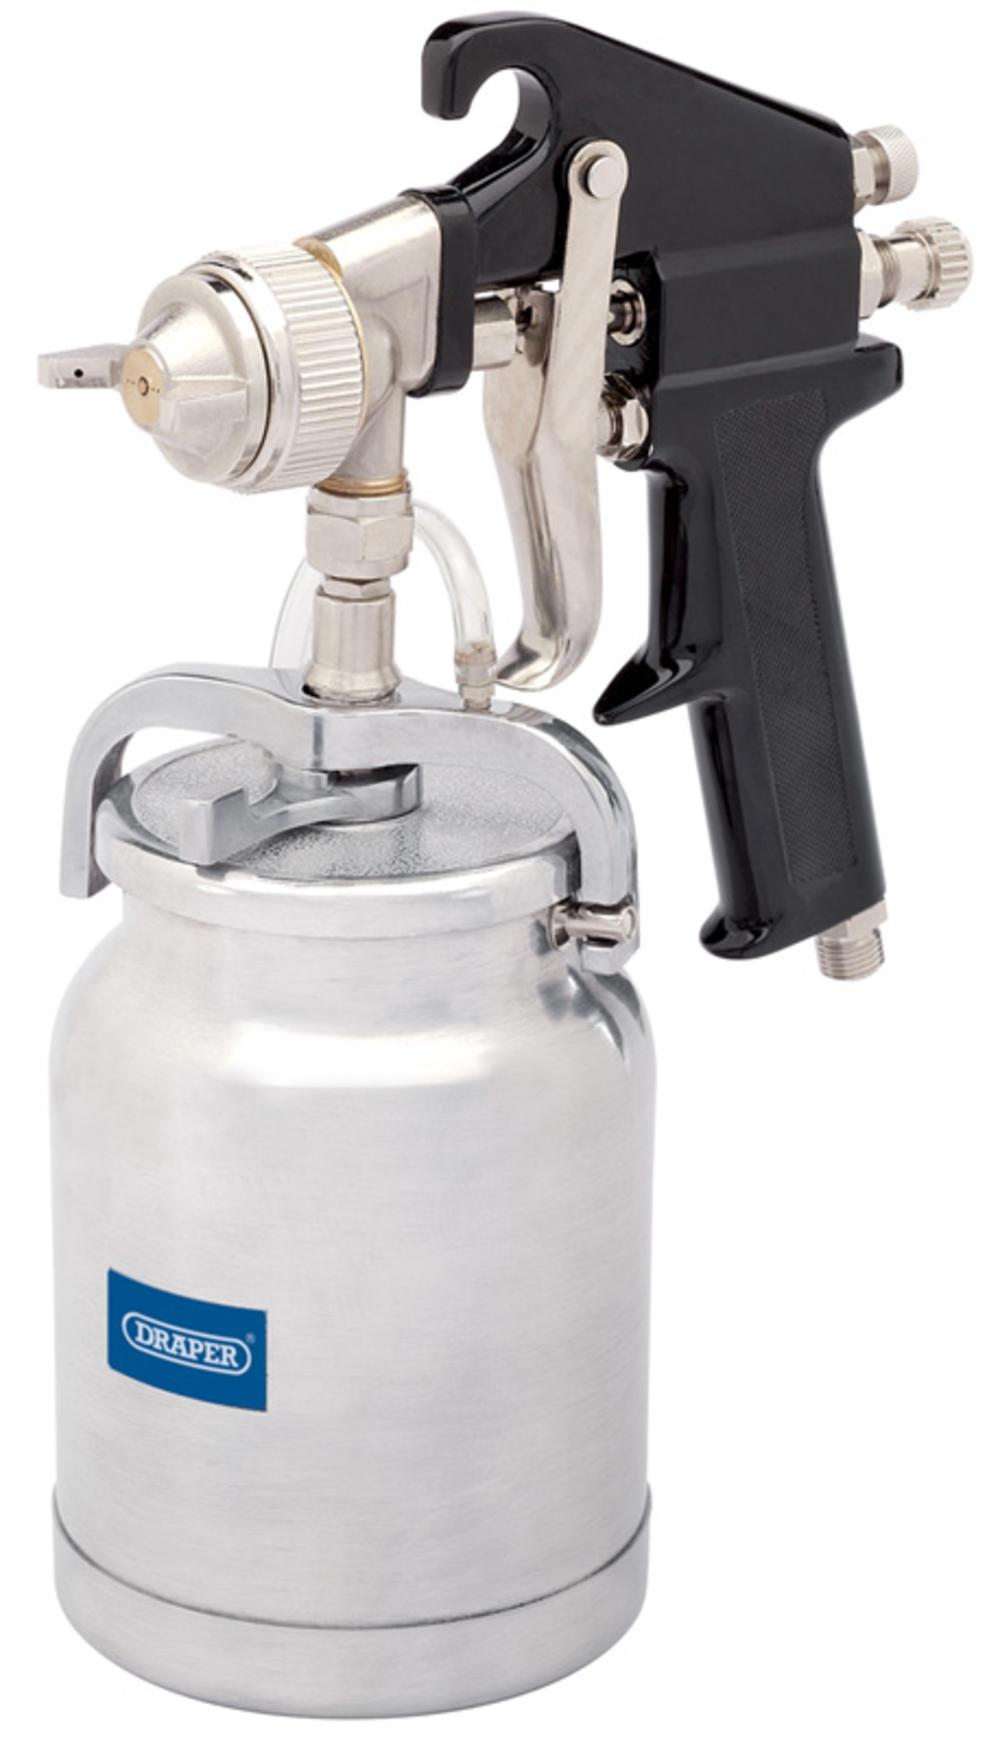 Draper 21526 4212HP 1L Air Spray Gun